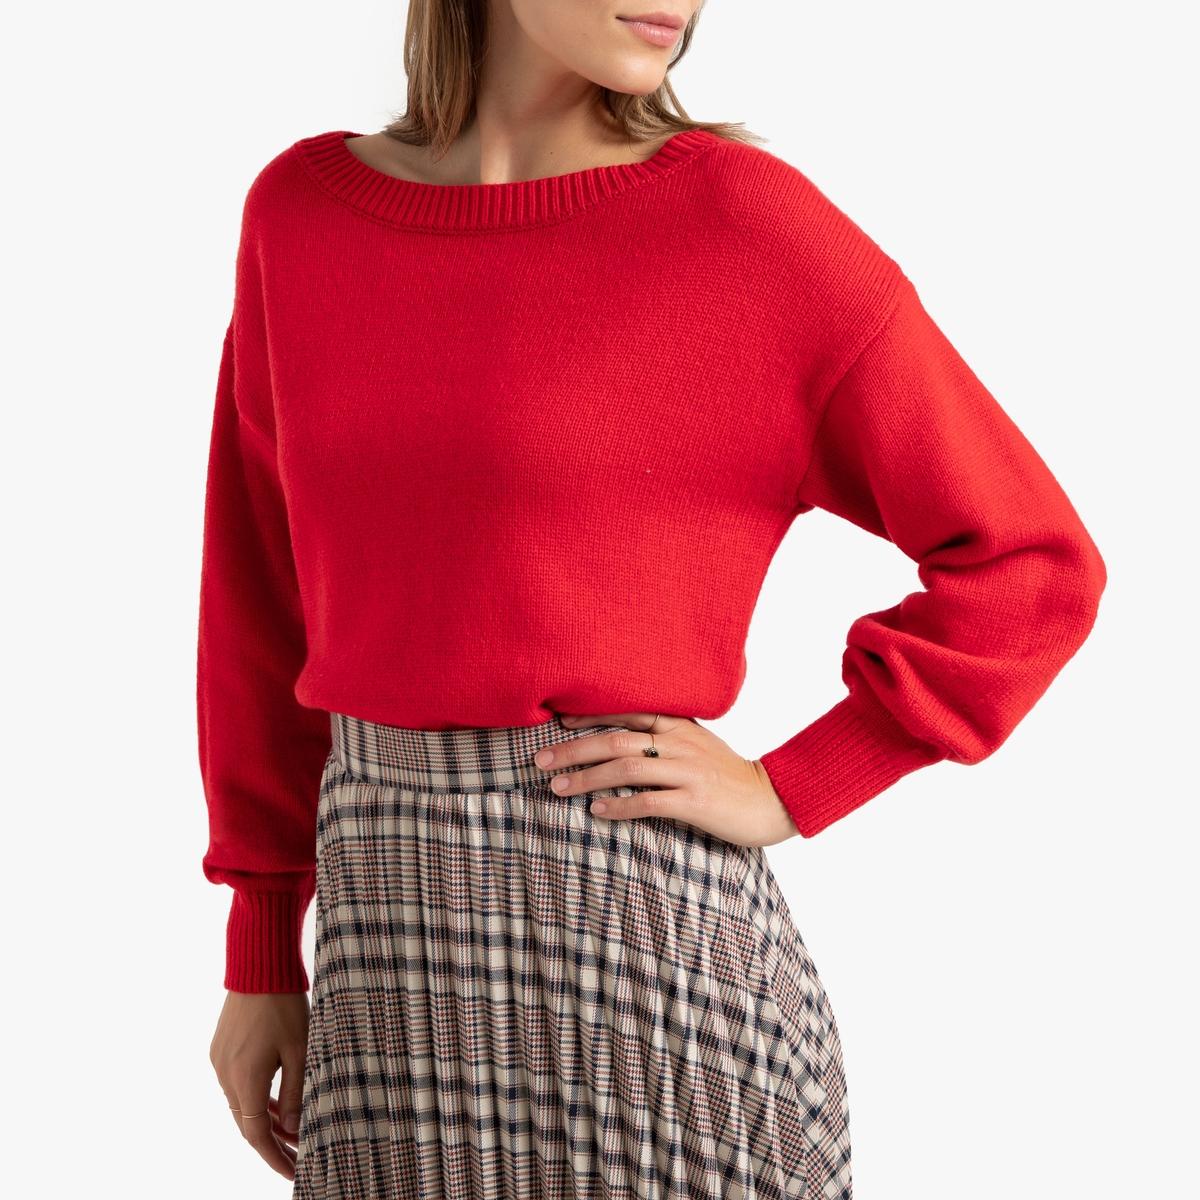 Пуловер La Redoute С круглым вырезом и напускными рукавами L красный пуловер la redoute с круглым вырезом из шерсти мериноса pascal 3xl черный